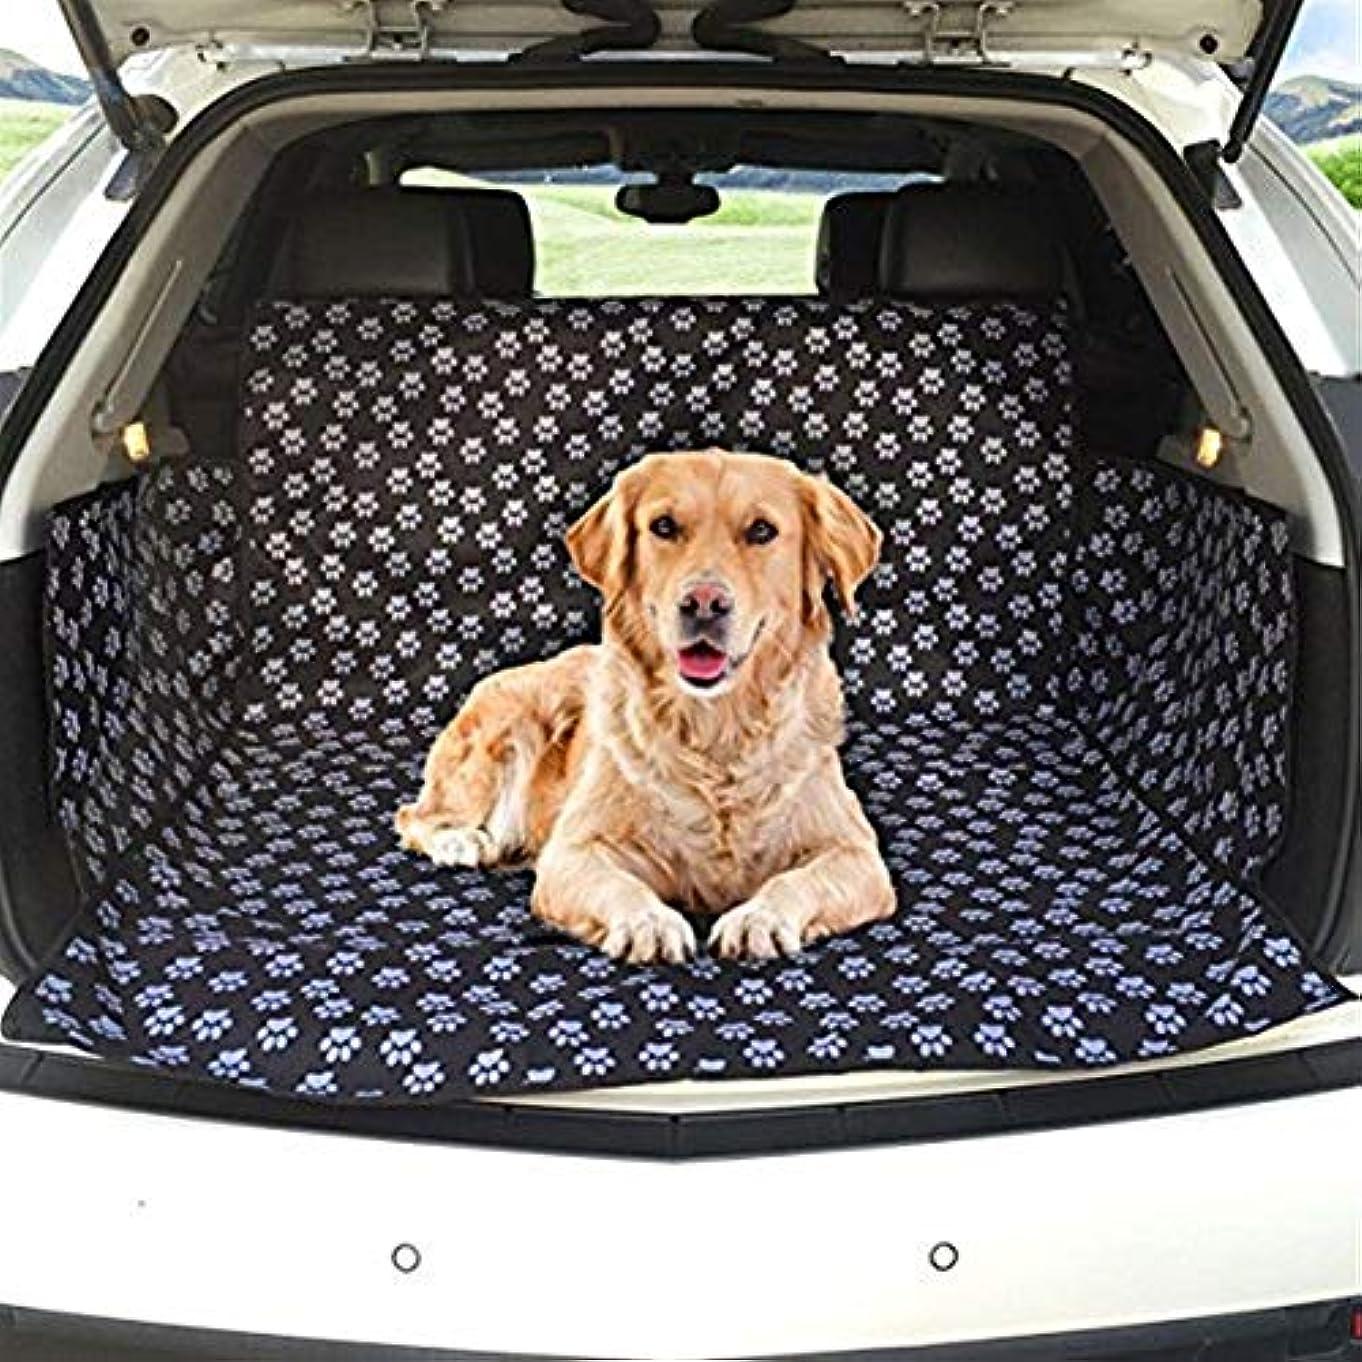 論争よく話される郵便局JSFQ 犬用カーブーツカバーカーブーツライナープロテクター防水ブーツプロテクターマットサイドプロテクション付きトランクドッグカバーほとんどの車、SUV、バン、トラックに適合(かわいい犬の爪)